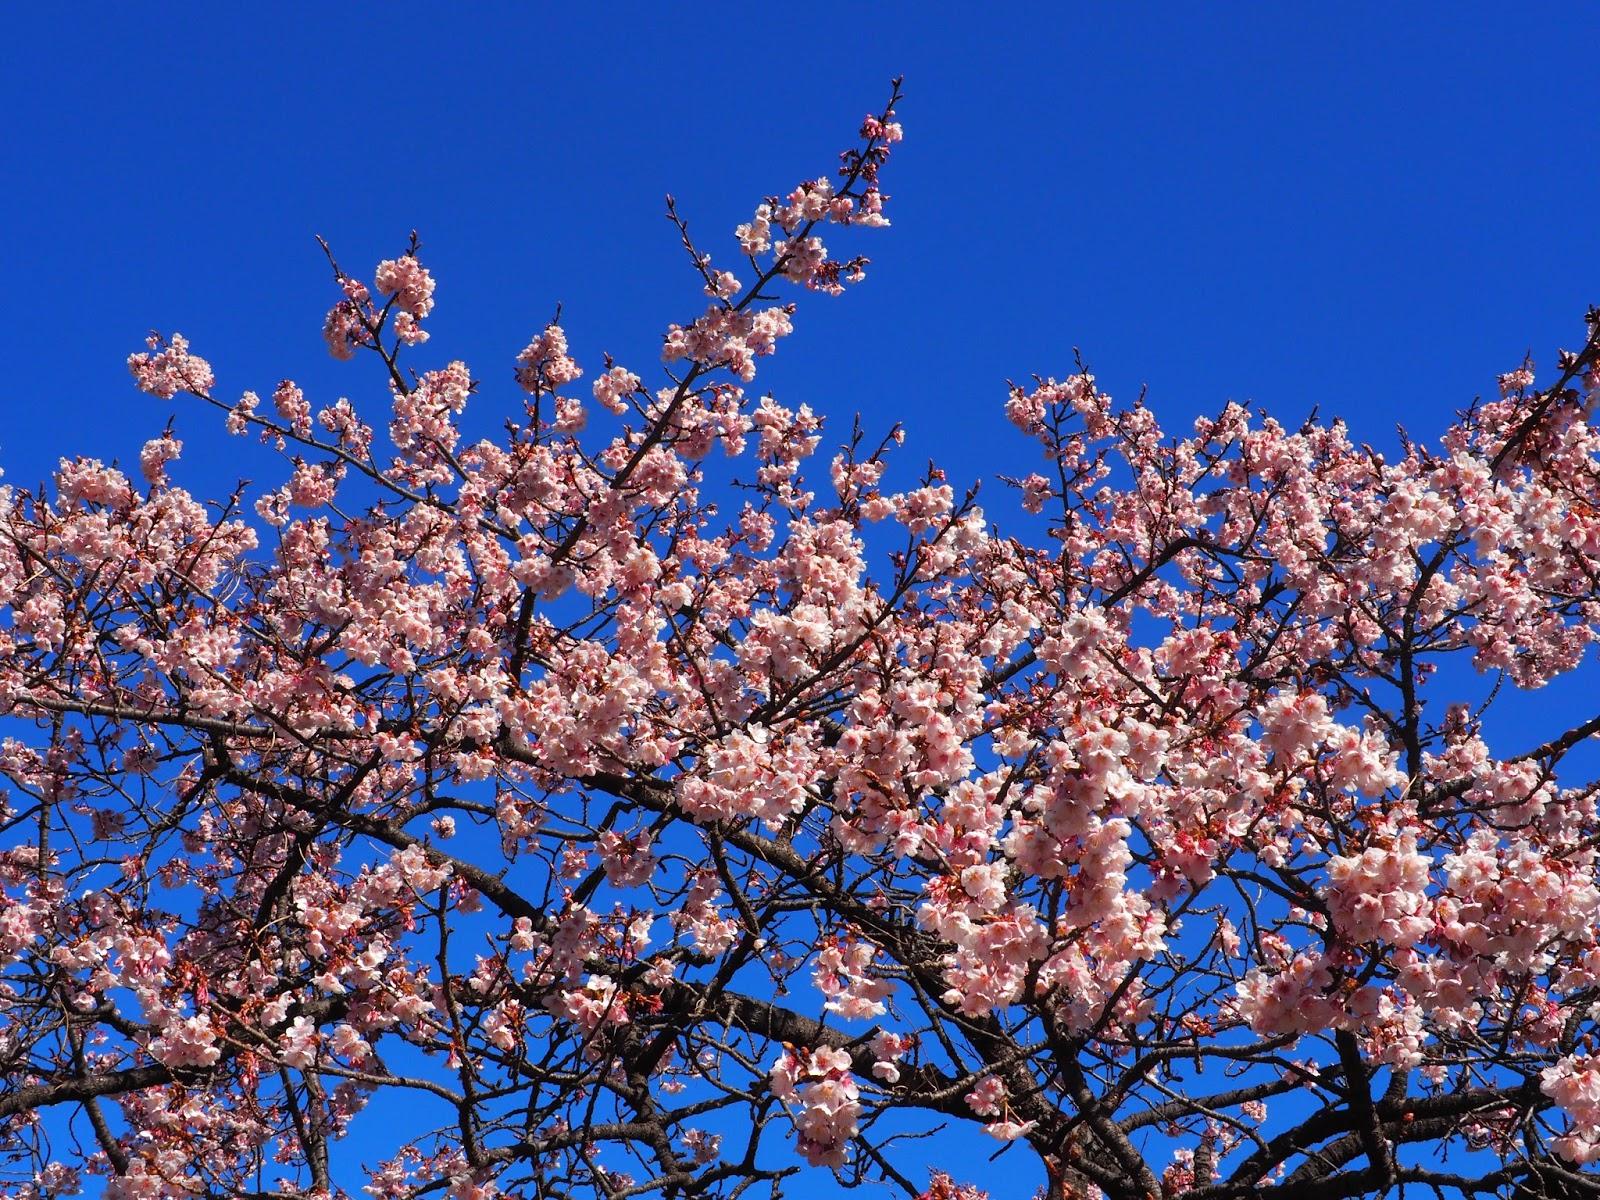 Shinjuku Gyoen National Garden cherry blossoms